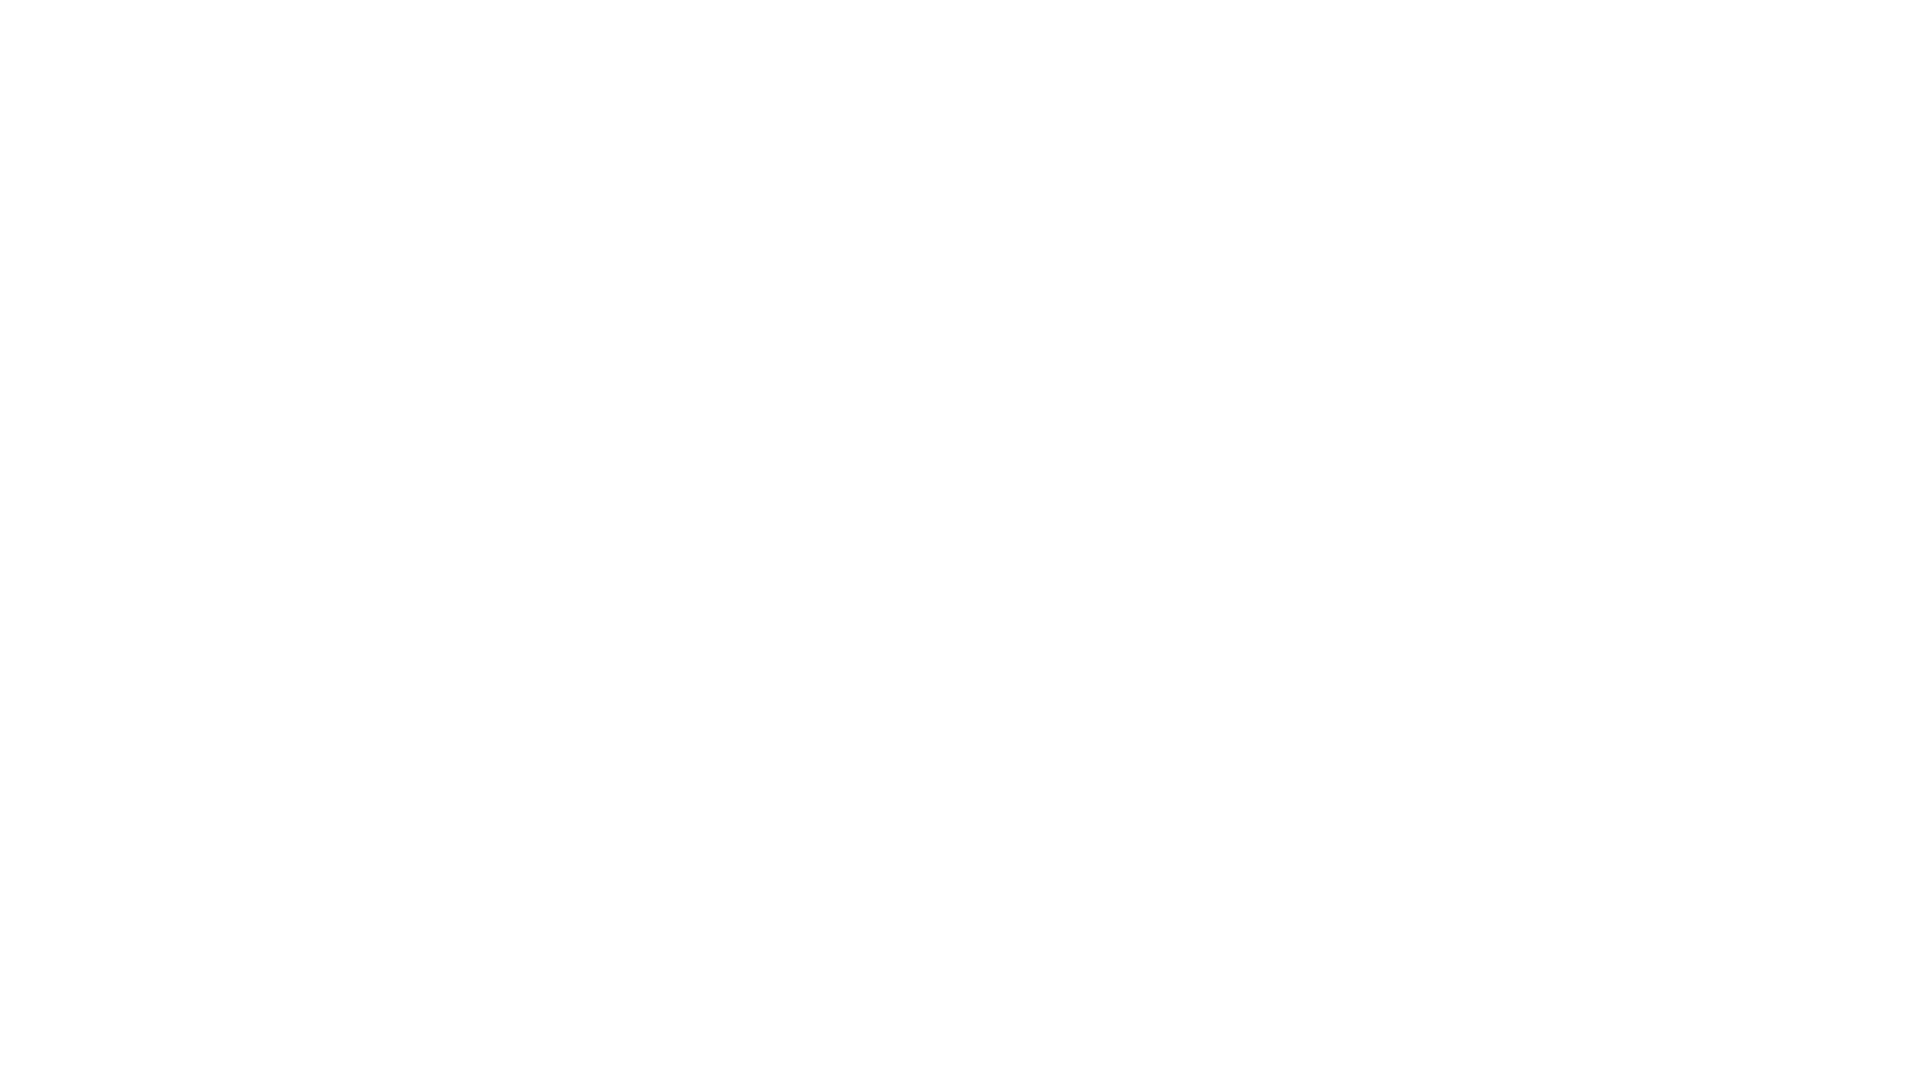 Fernwood_TechDwg-03.png